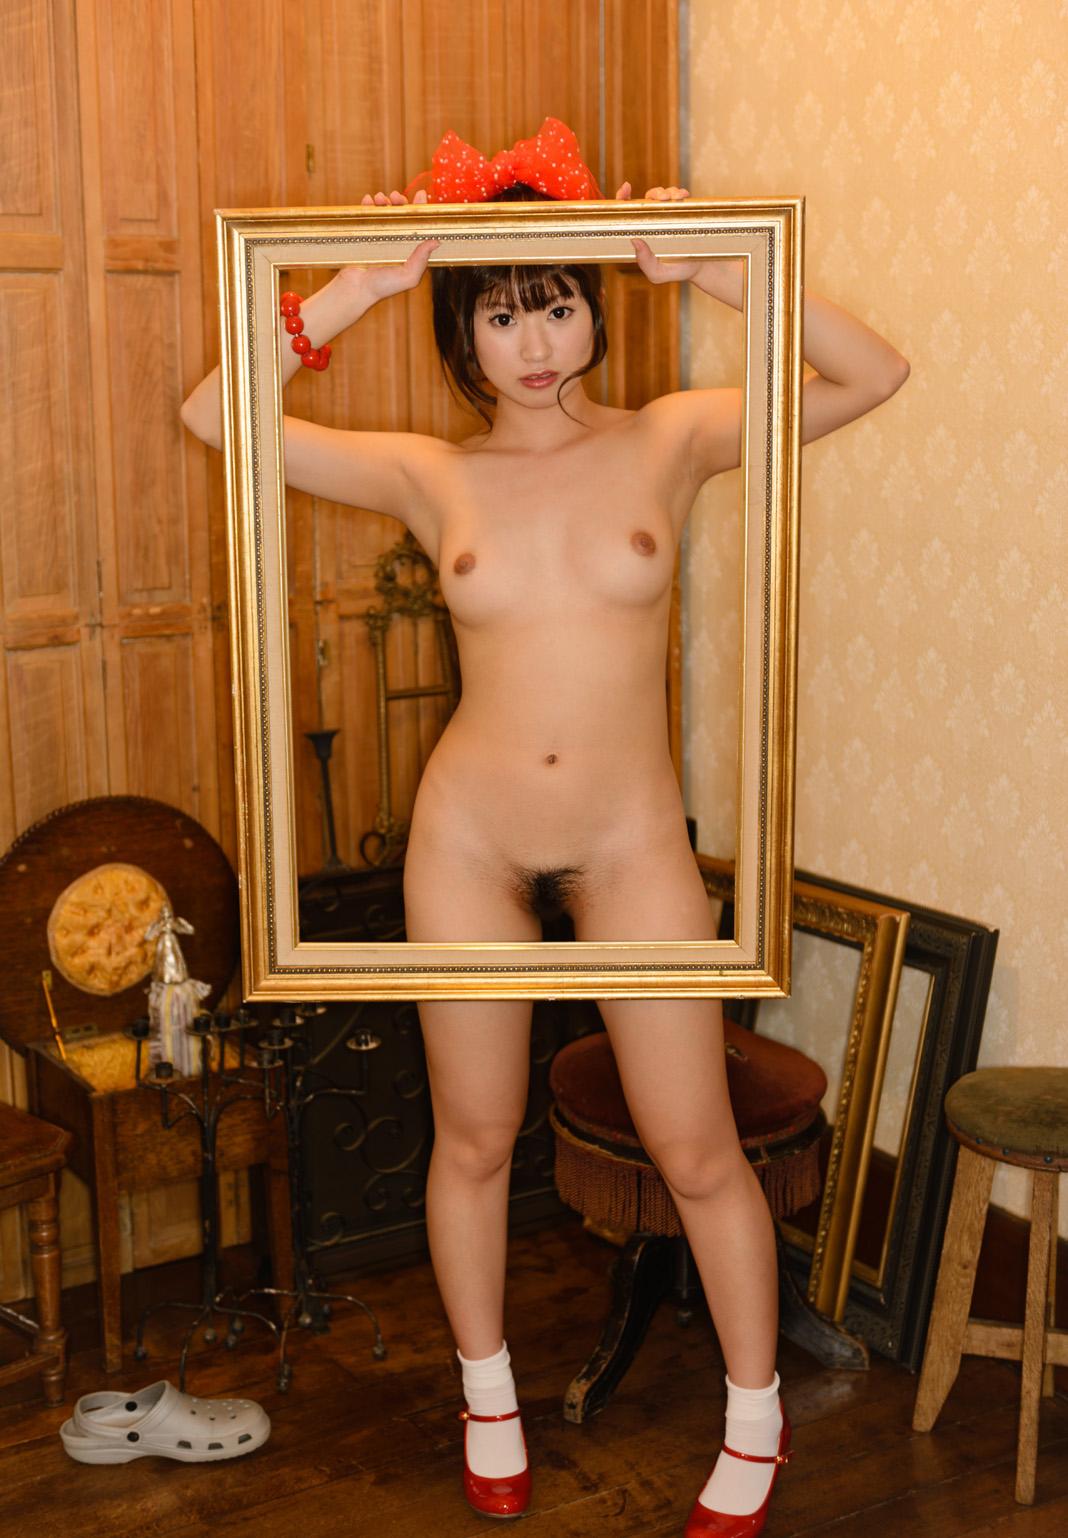 緒川りお 画像 80